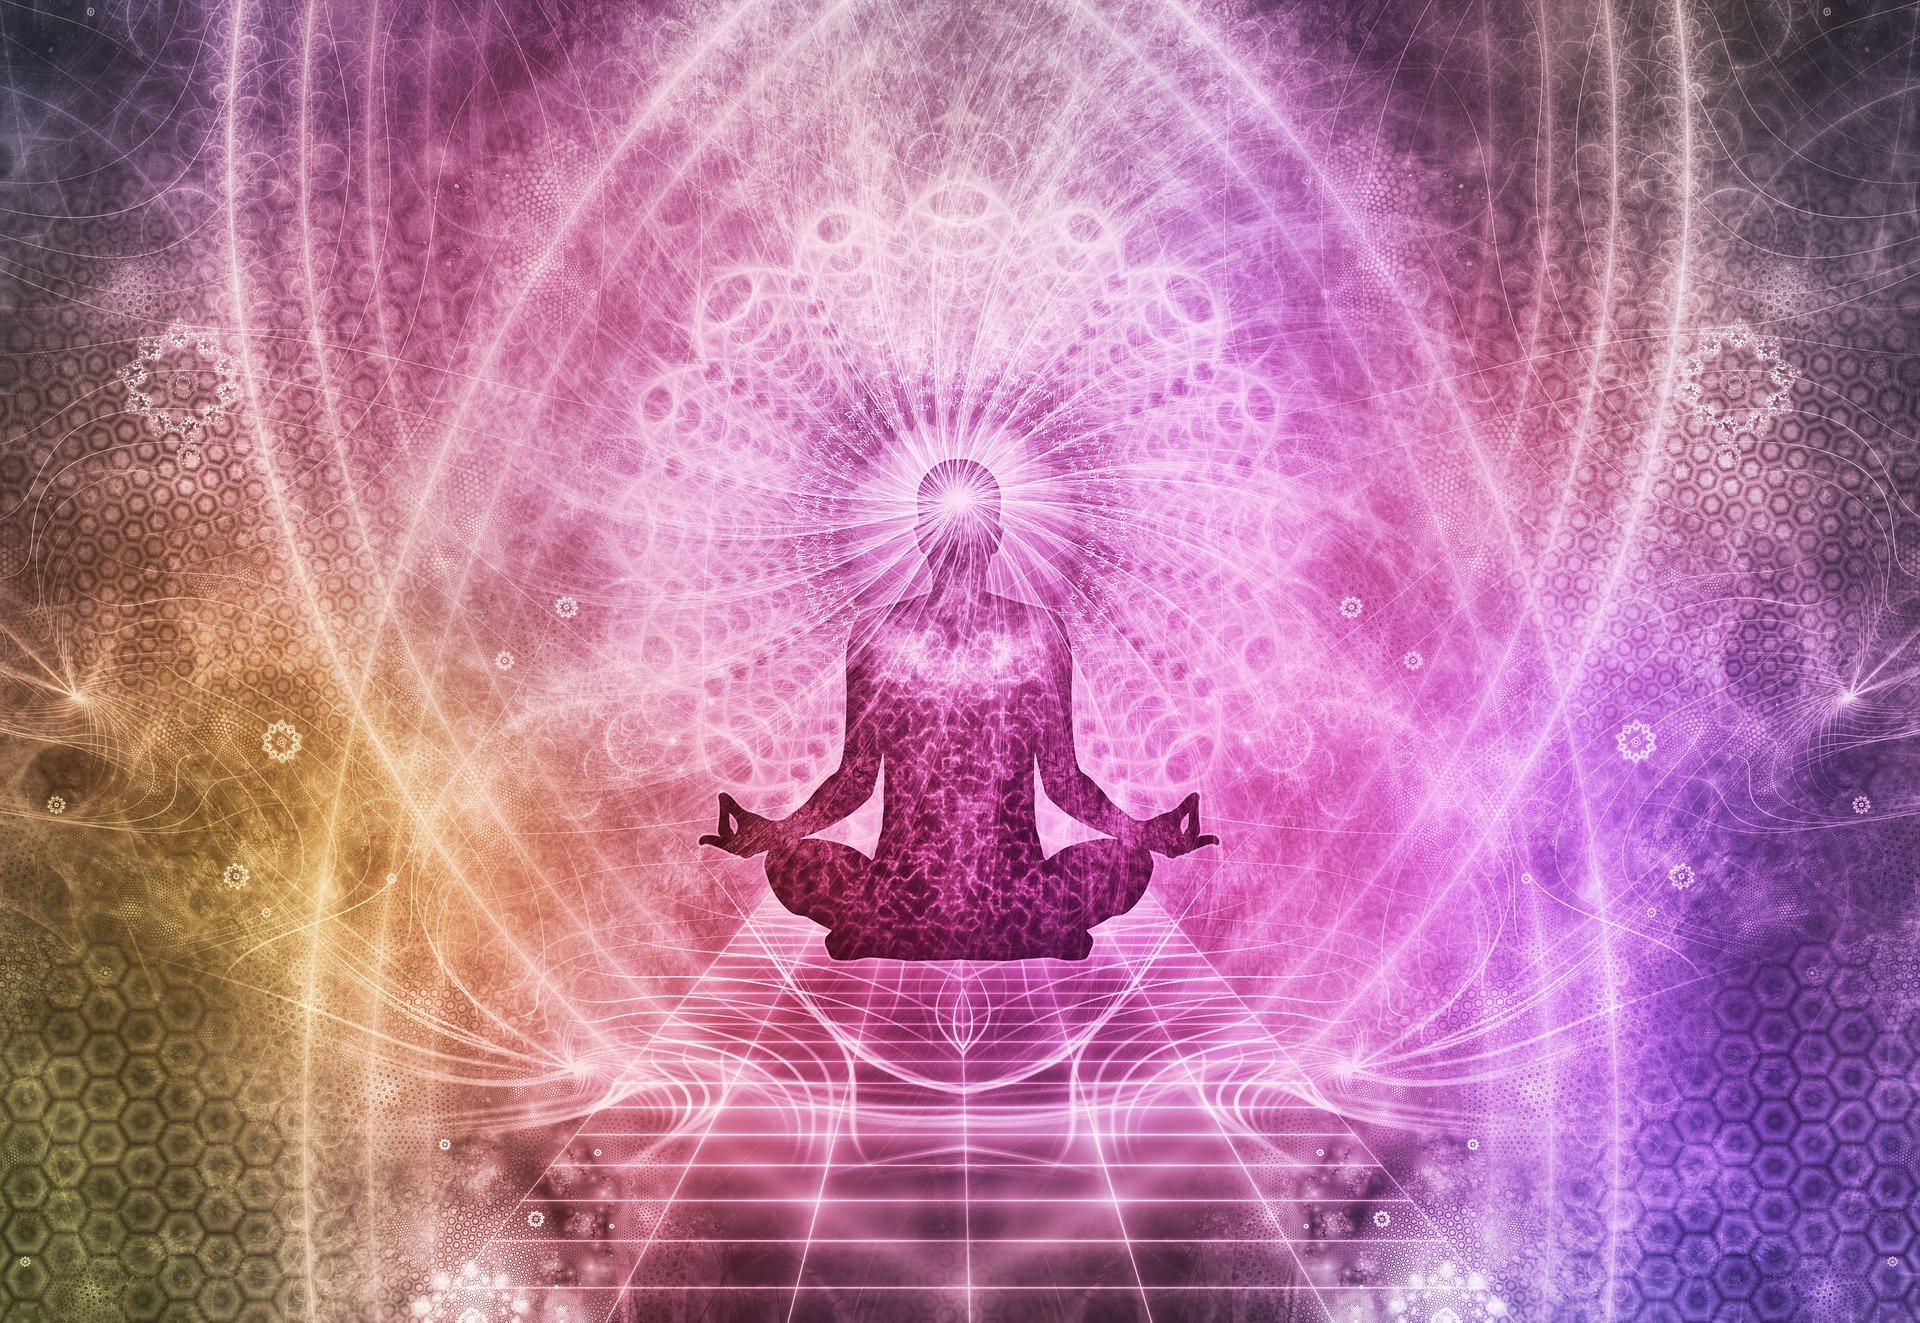 Theta-Healing - Initiation Course